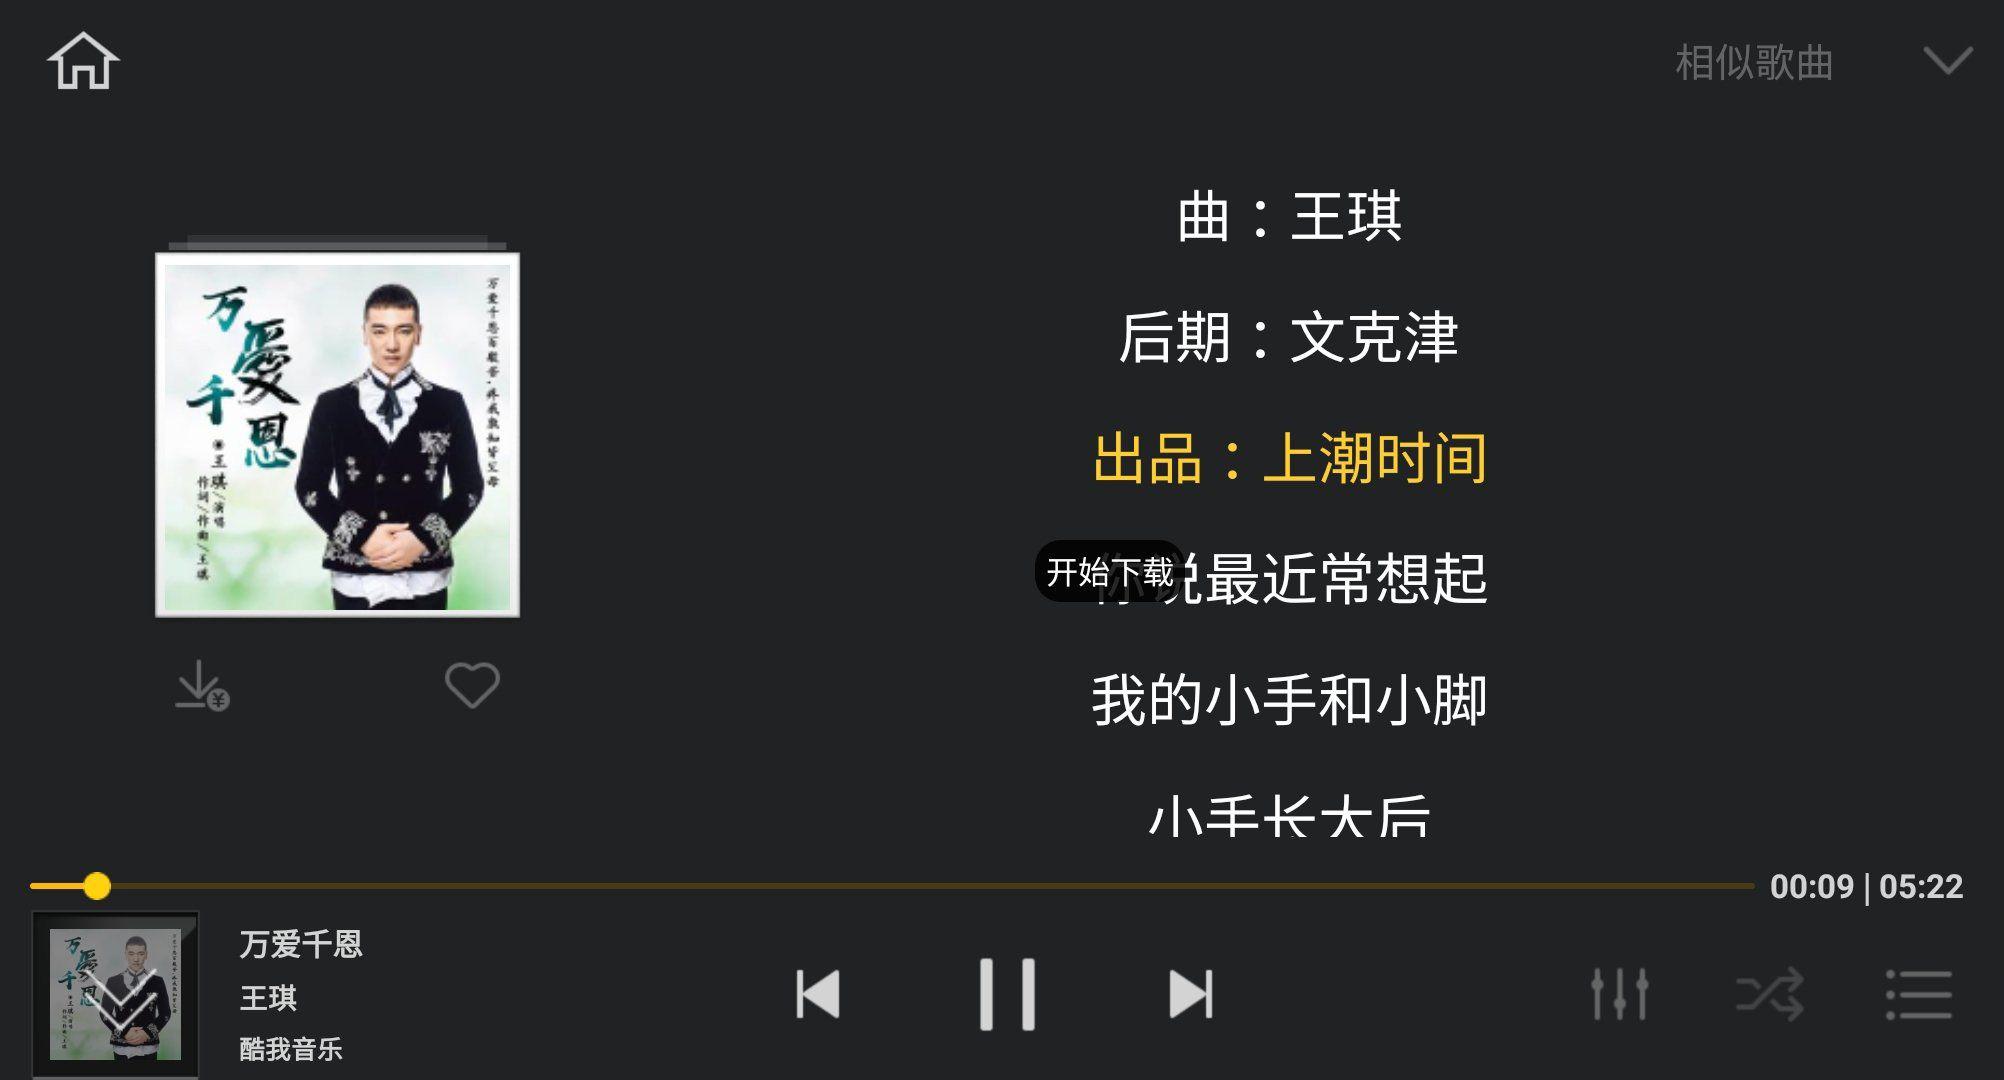 酷我音乐v4.0.1.8 卡仕达定制车机版 破解过程 总结分享